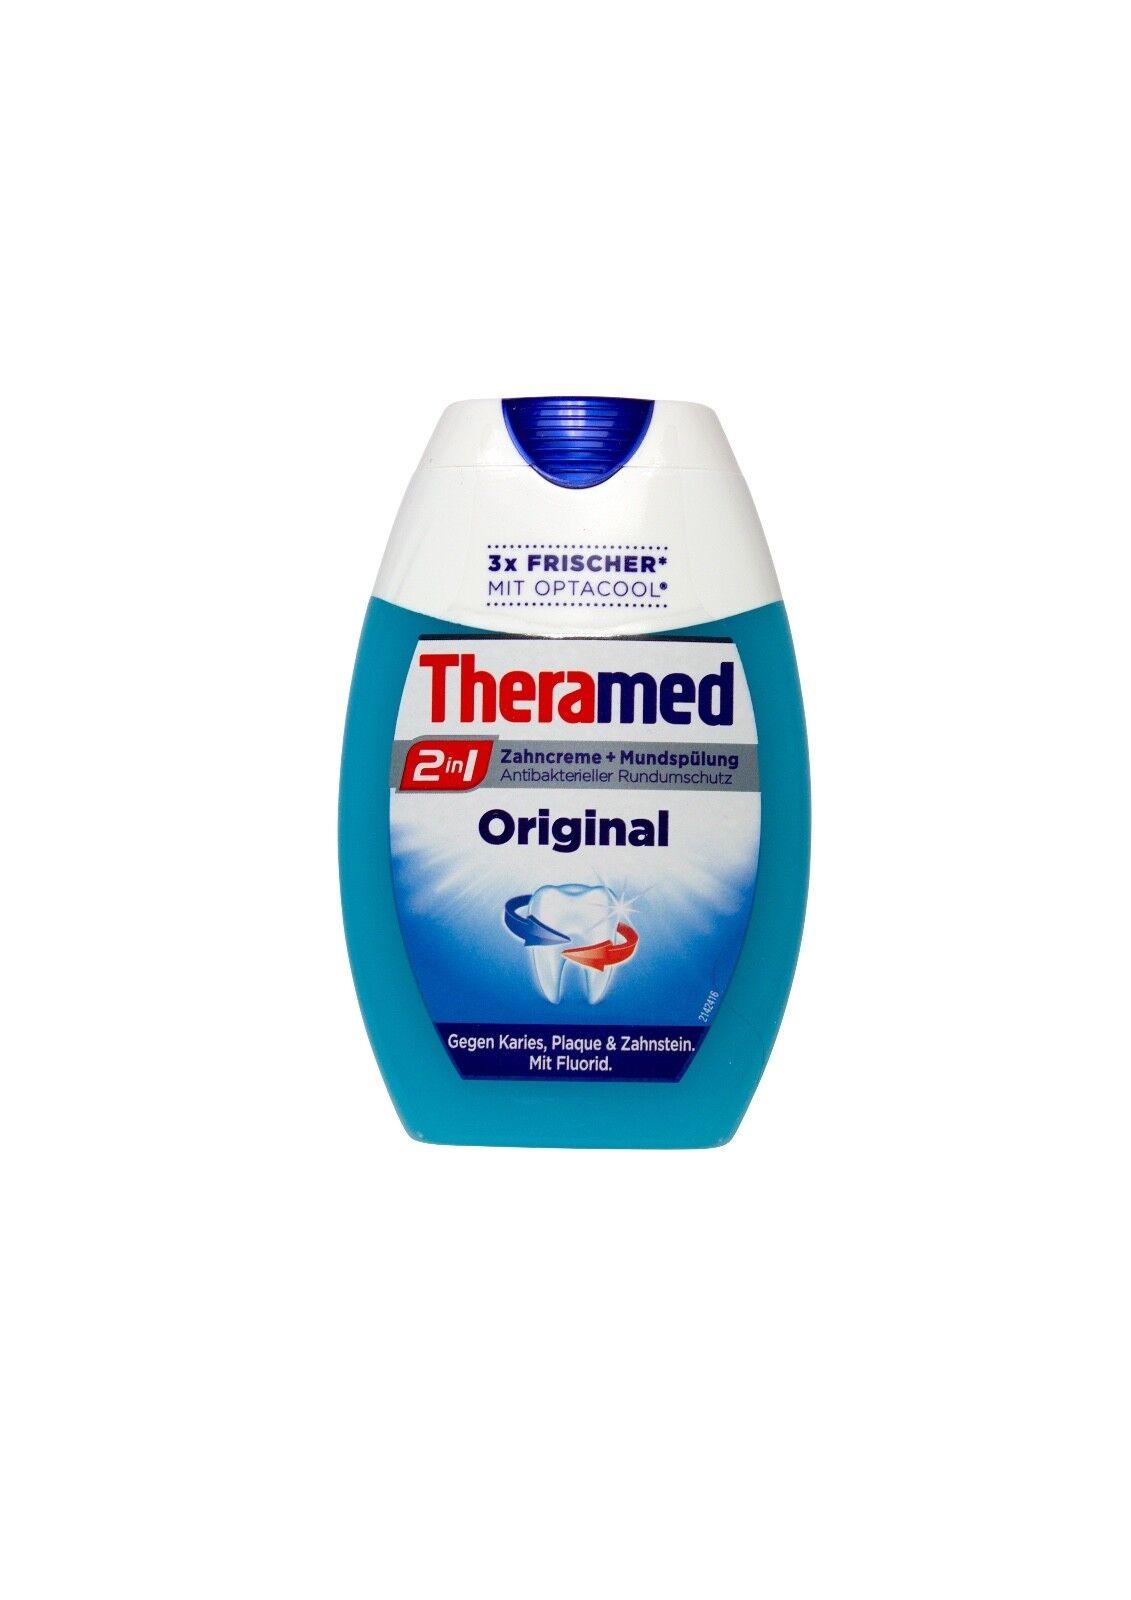 Theramed Zahncreme + Mundspülung 2in1 Original mit Optacool und Fluorid